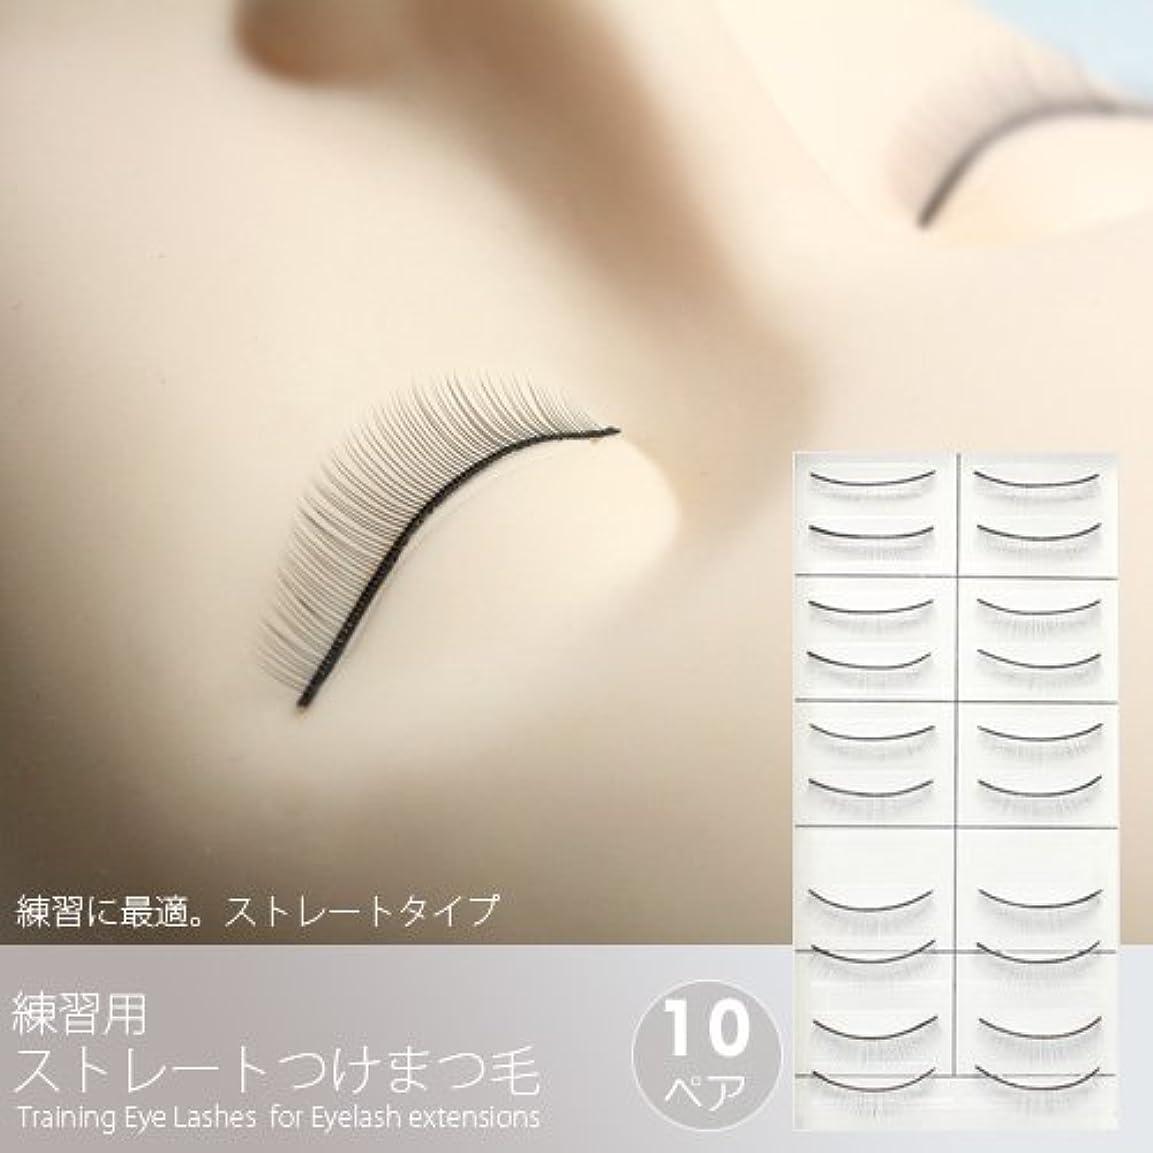 国歌珍しい太陽練習用ストレートつけまつげ(10ペア)[Training Eye Lashes ]/まつ毛エクステ商材